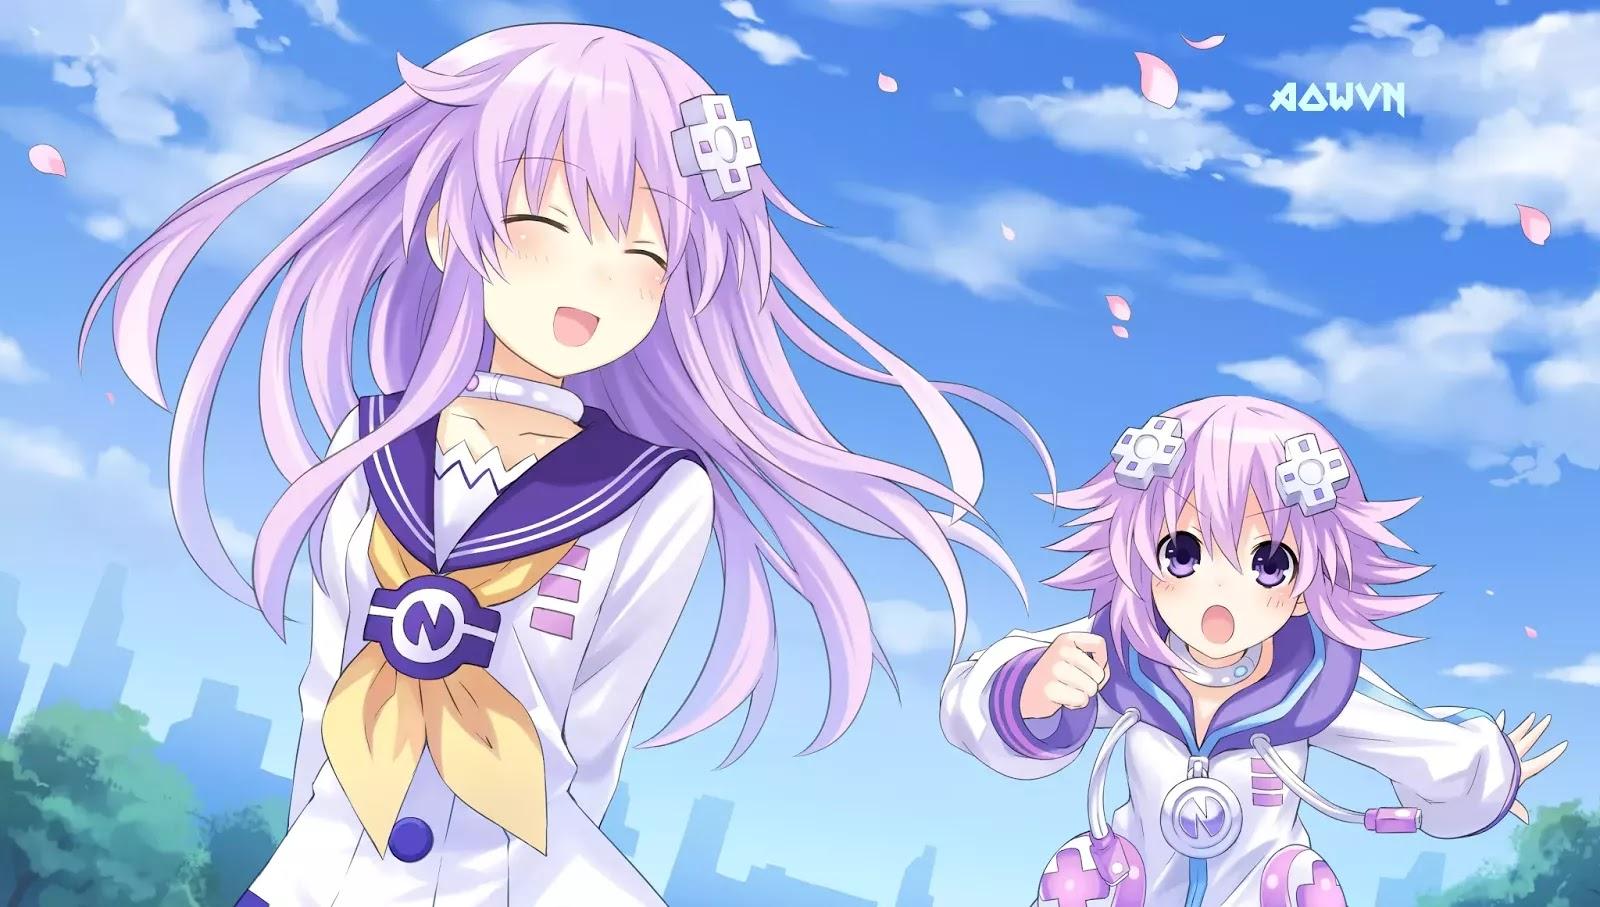 AowVN.org min%2B%252874%2529 - [ Hình Nền ] Game Hyperdimension Neptunia cực đẹp | Anime Wallpapers